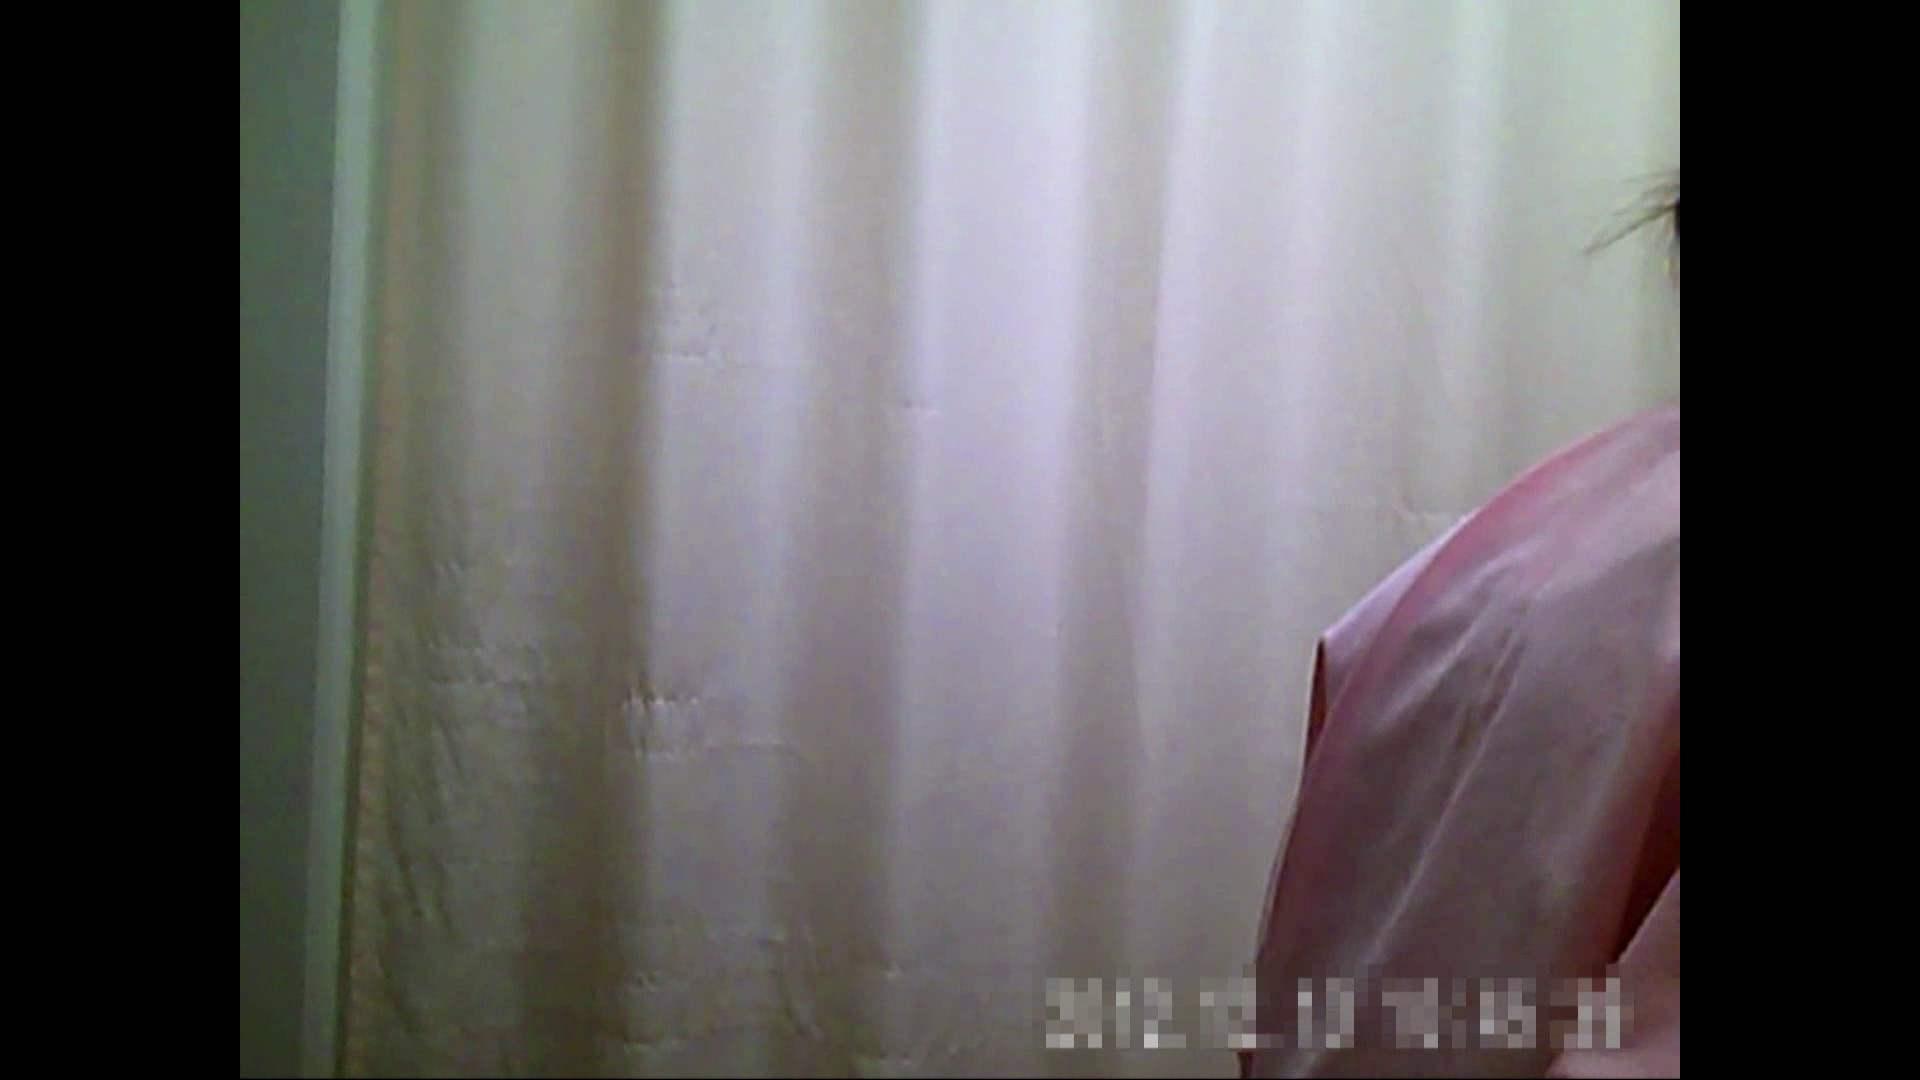 病院おもいっきり着替え! vol.176 乳首 オマンコ無修正動画無料 94pic 6